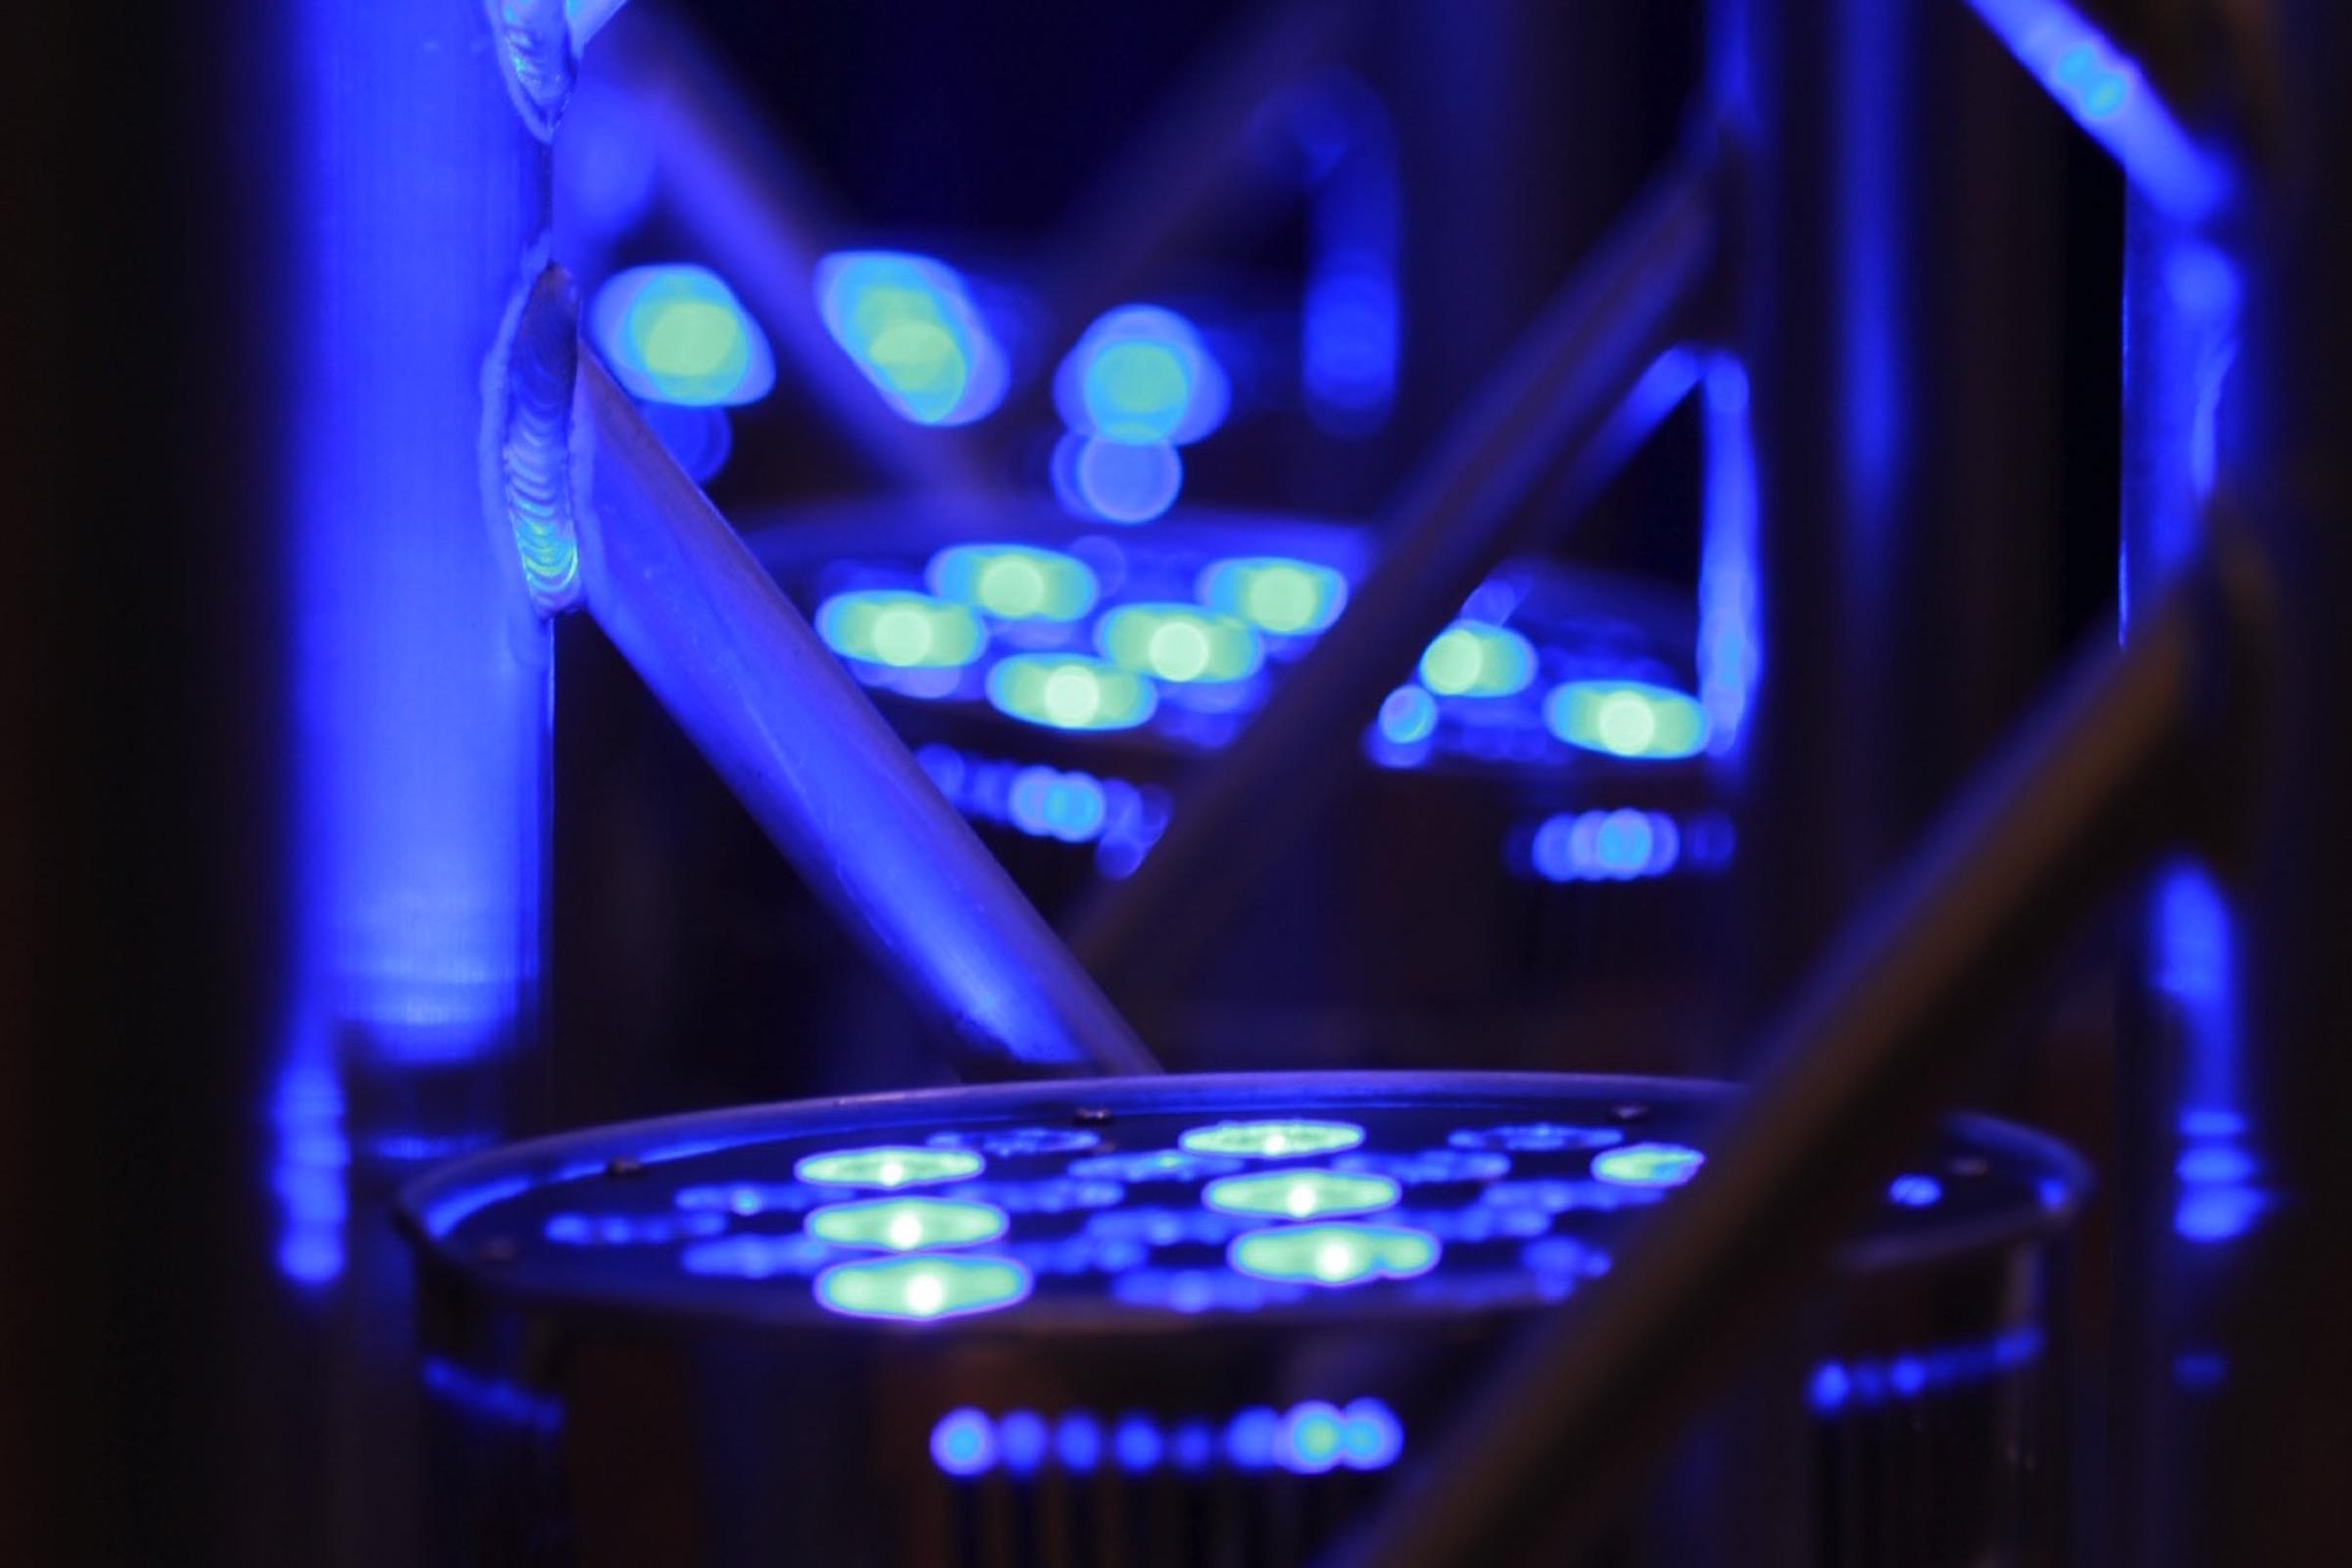 Veranstaltungstechnik | Lichttechnik | Scheinwerfer | LED | Spot | Akku | Spot | Indoor | Outdoor | Mieten | Buchen | Anfragen